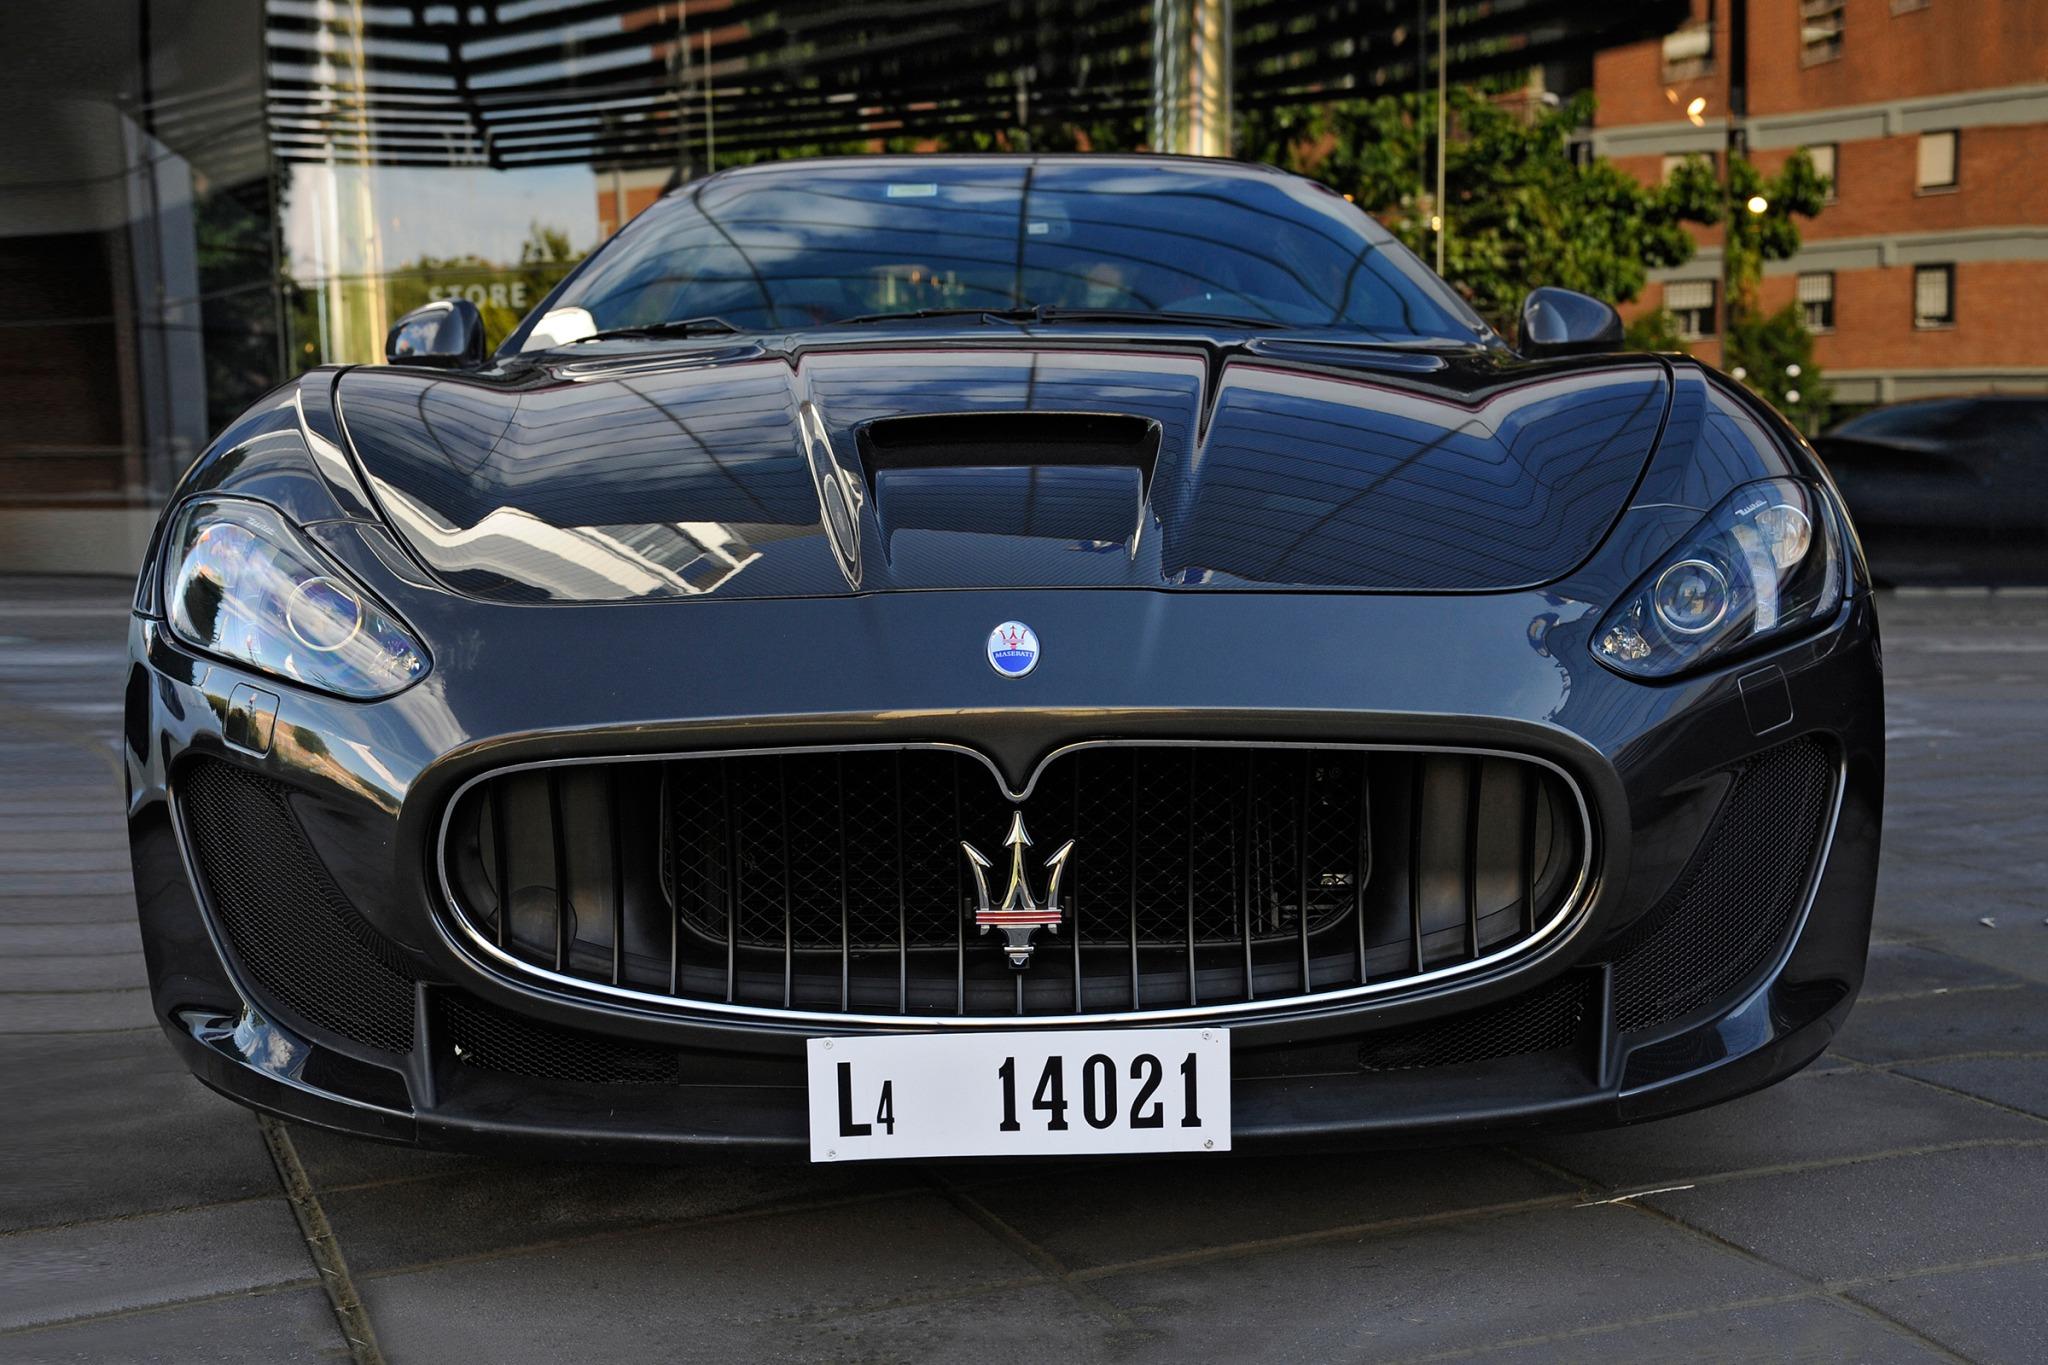 2017 Maserati GranTurismo VIN Number Search - AutoDetective